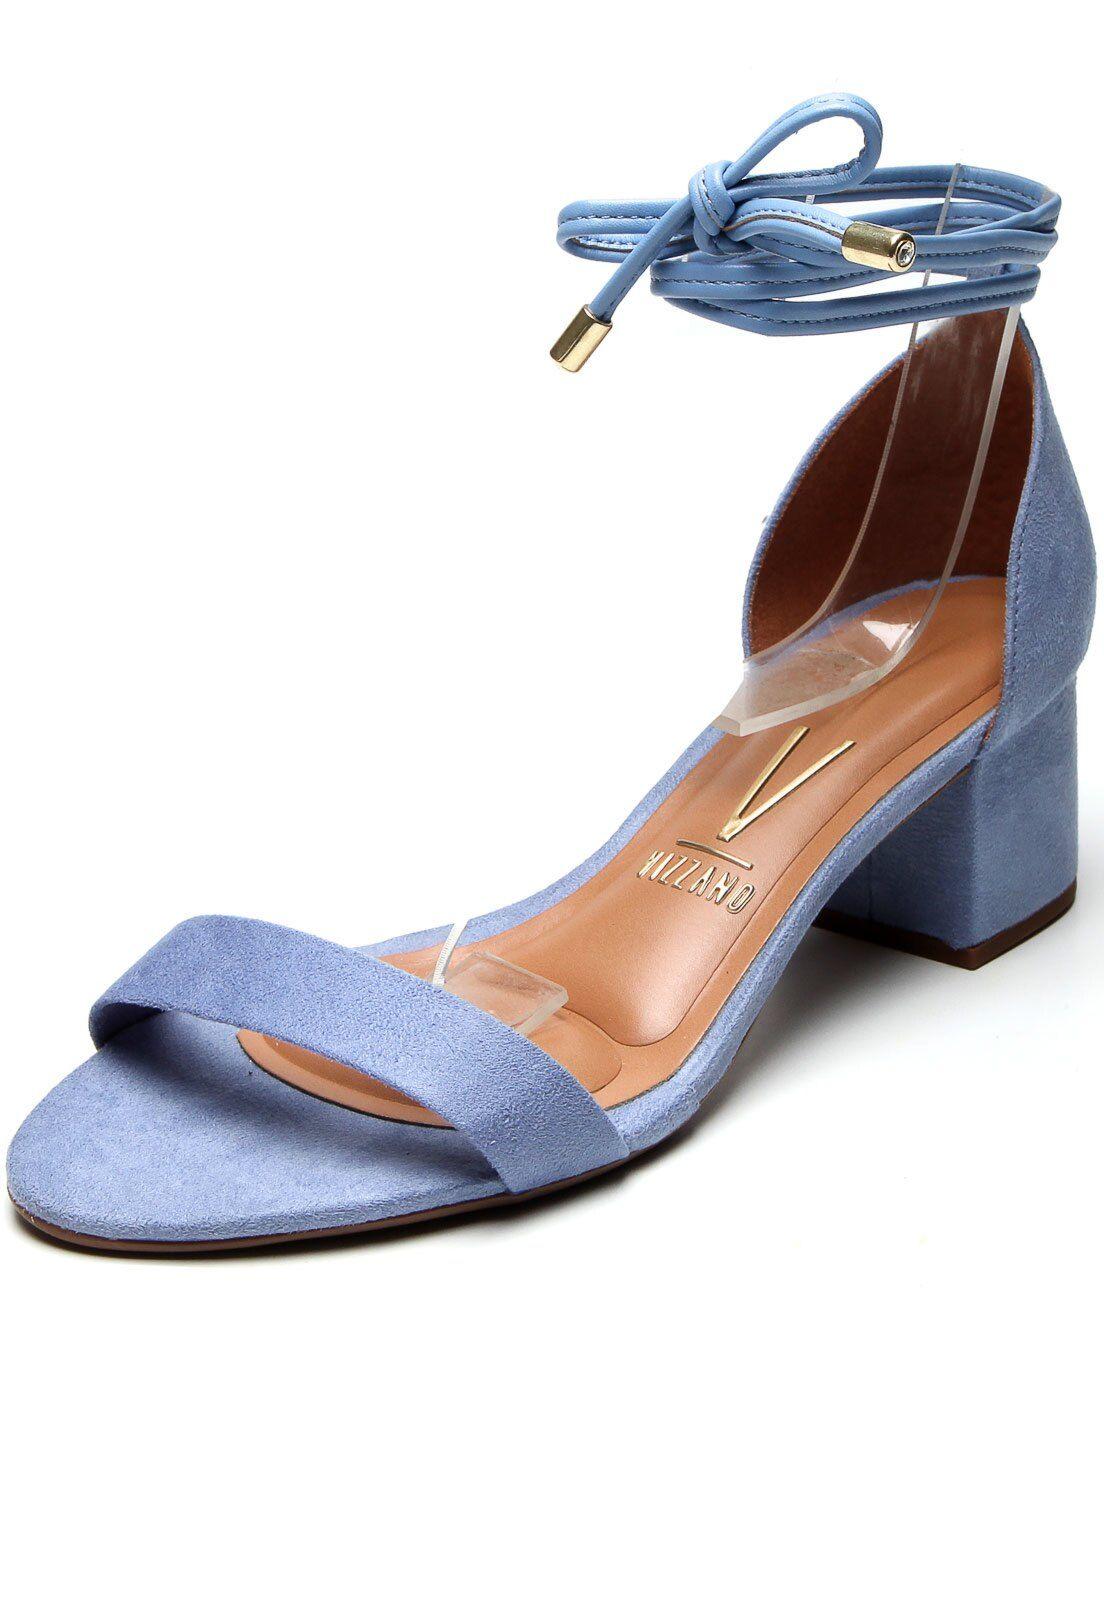 Sandália amarração azul